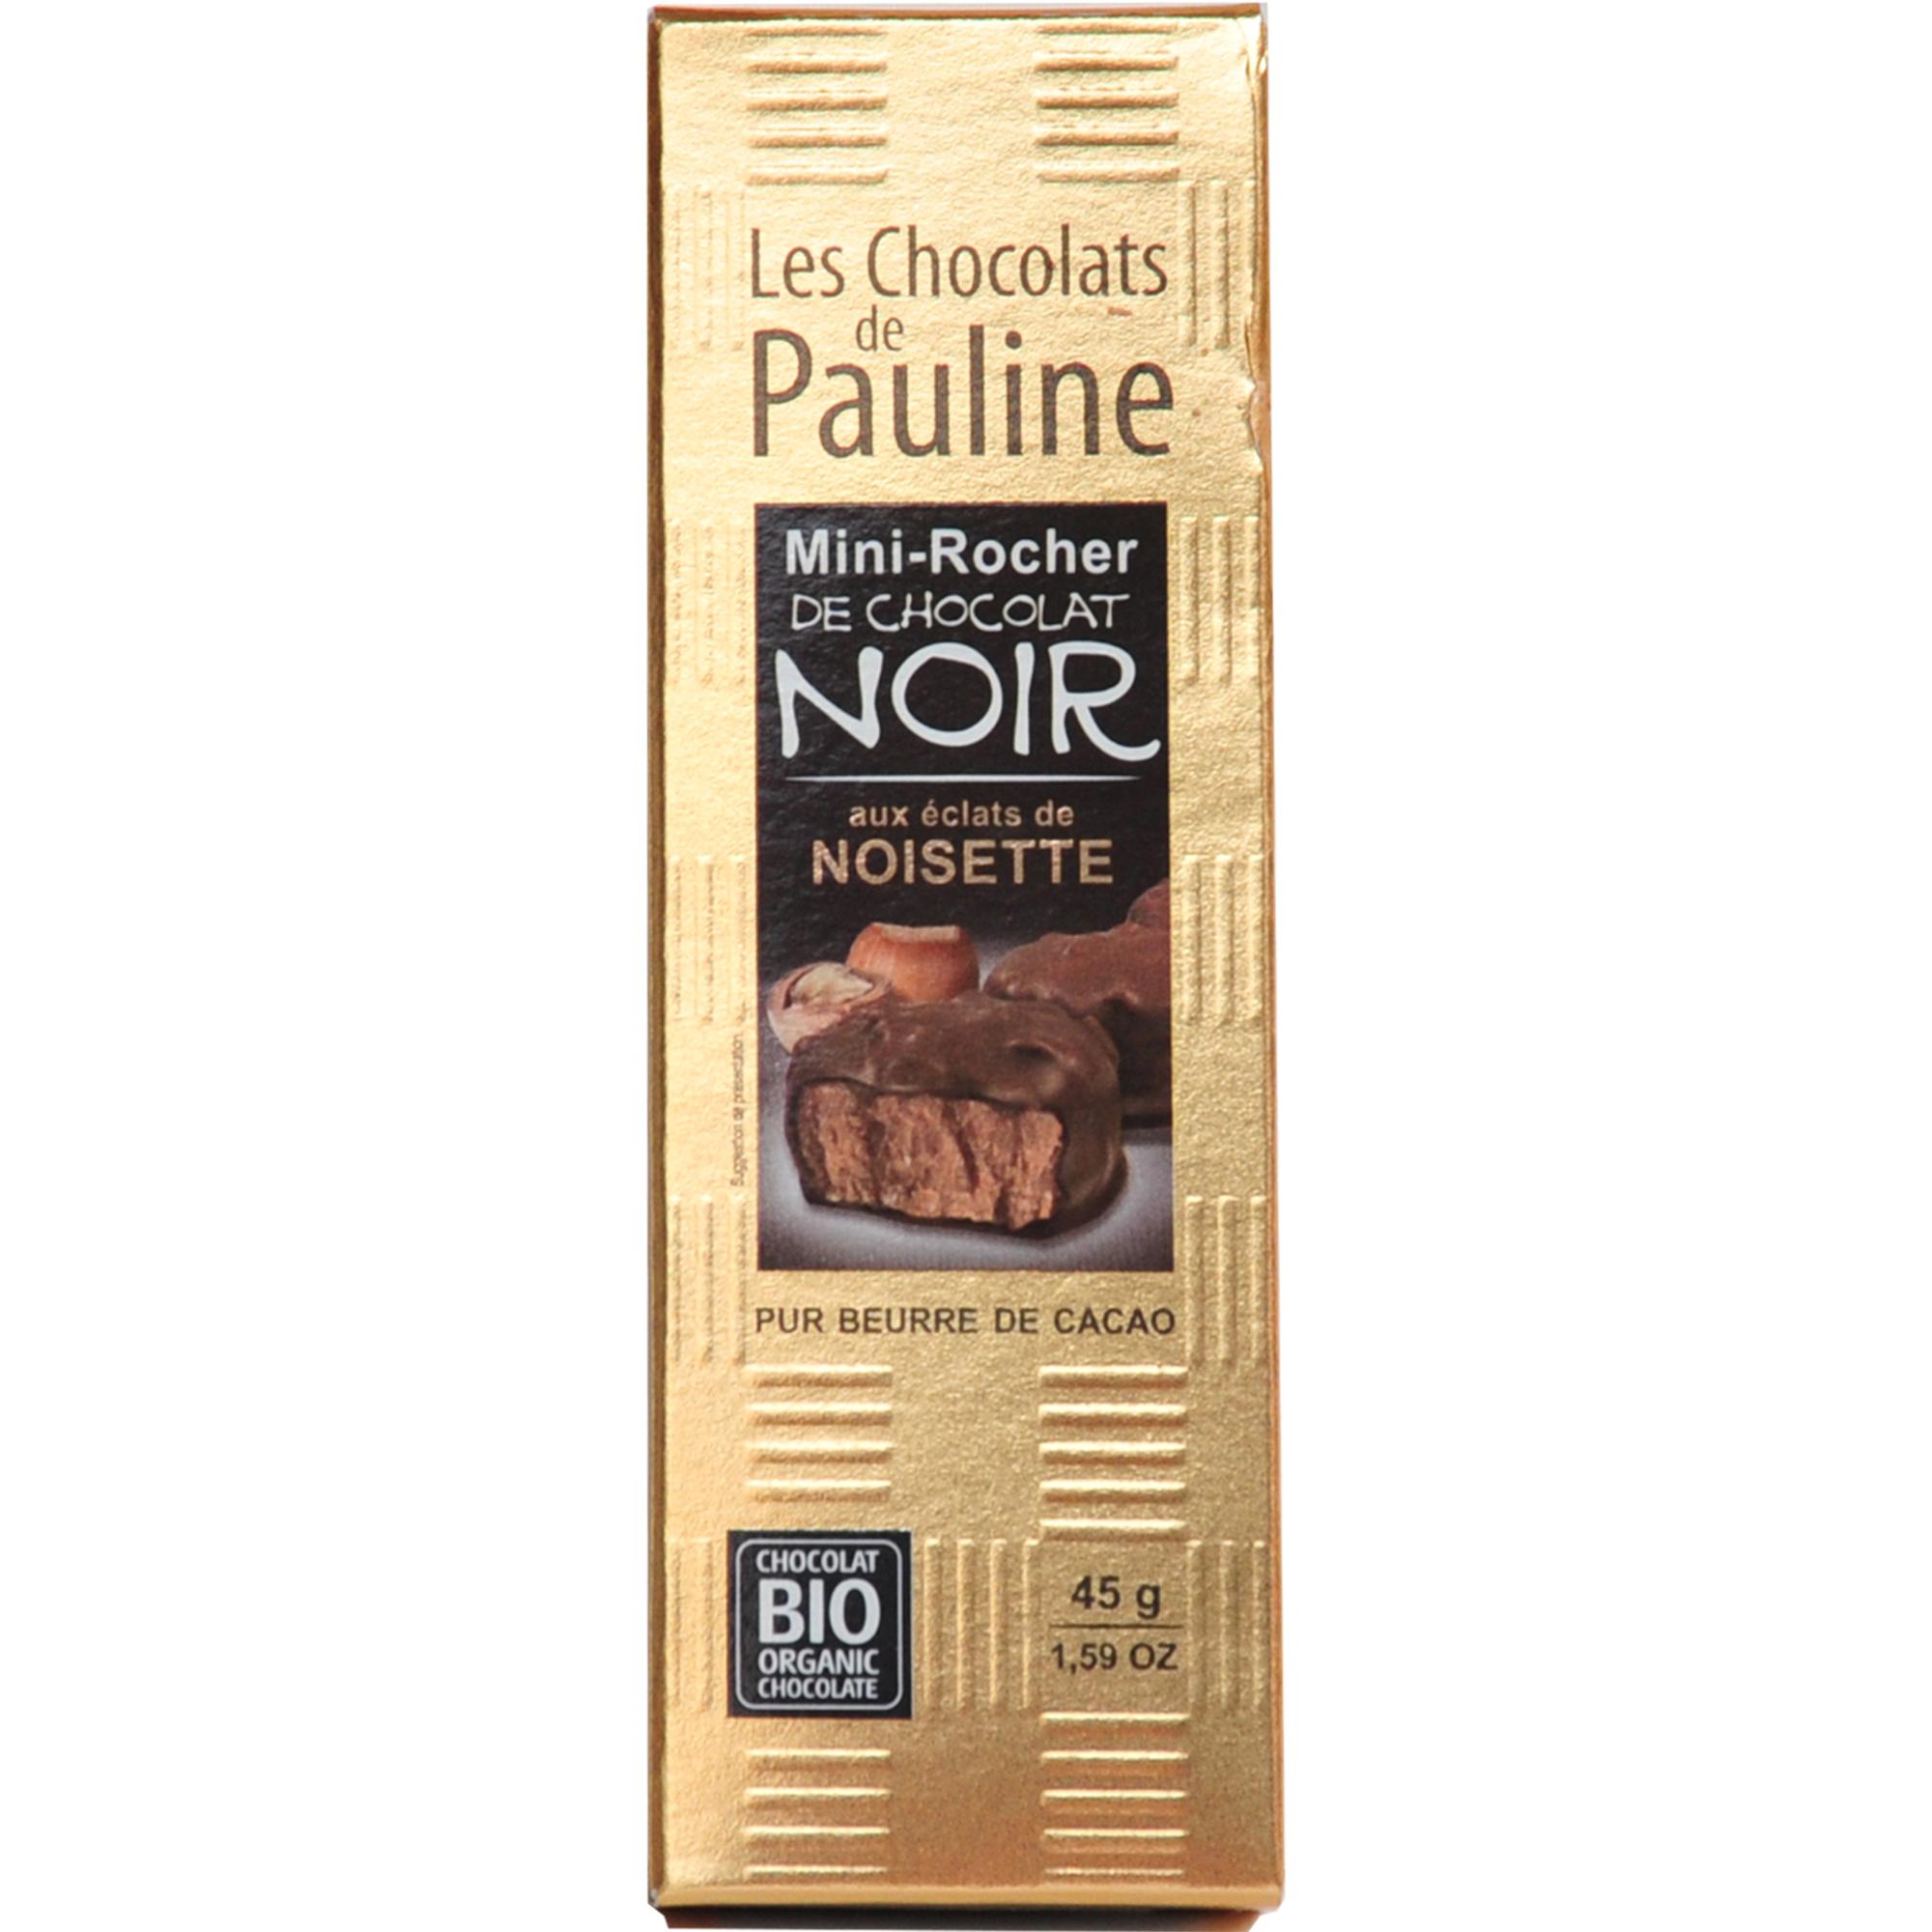 mini-rocher-de-chocolat-noir-aux-eclats-de-noisette-bionini rocher de chocolat noir aux éclats de noisette bio